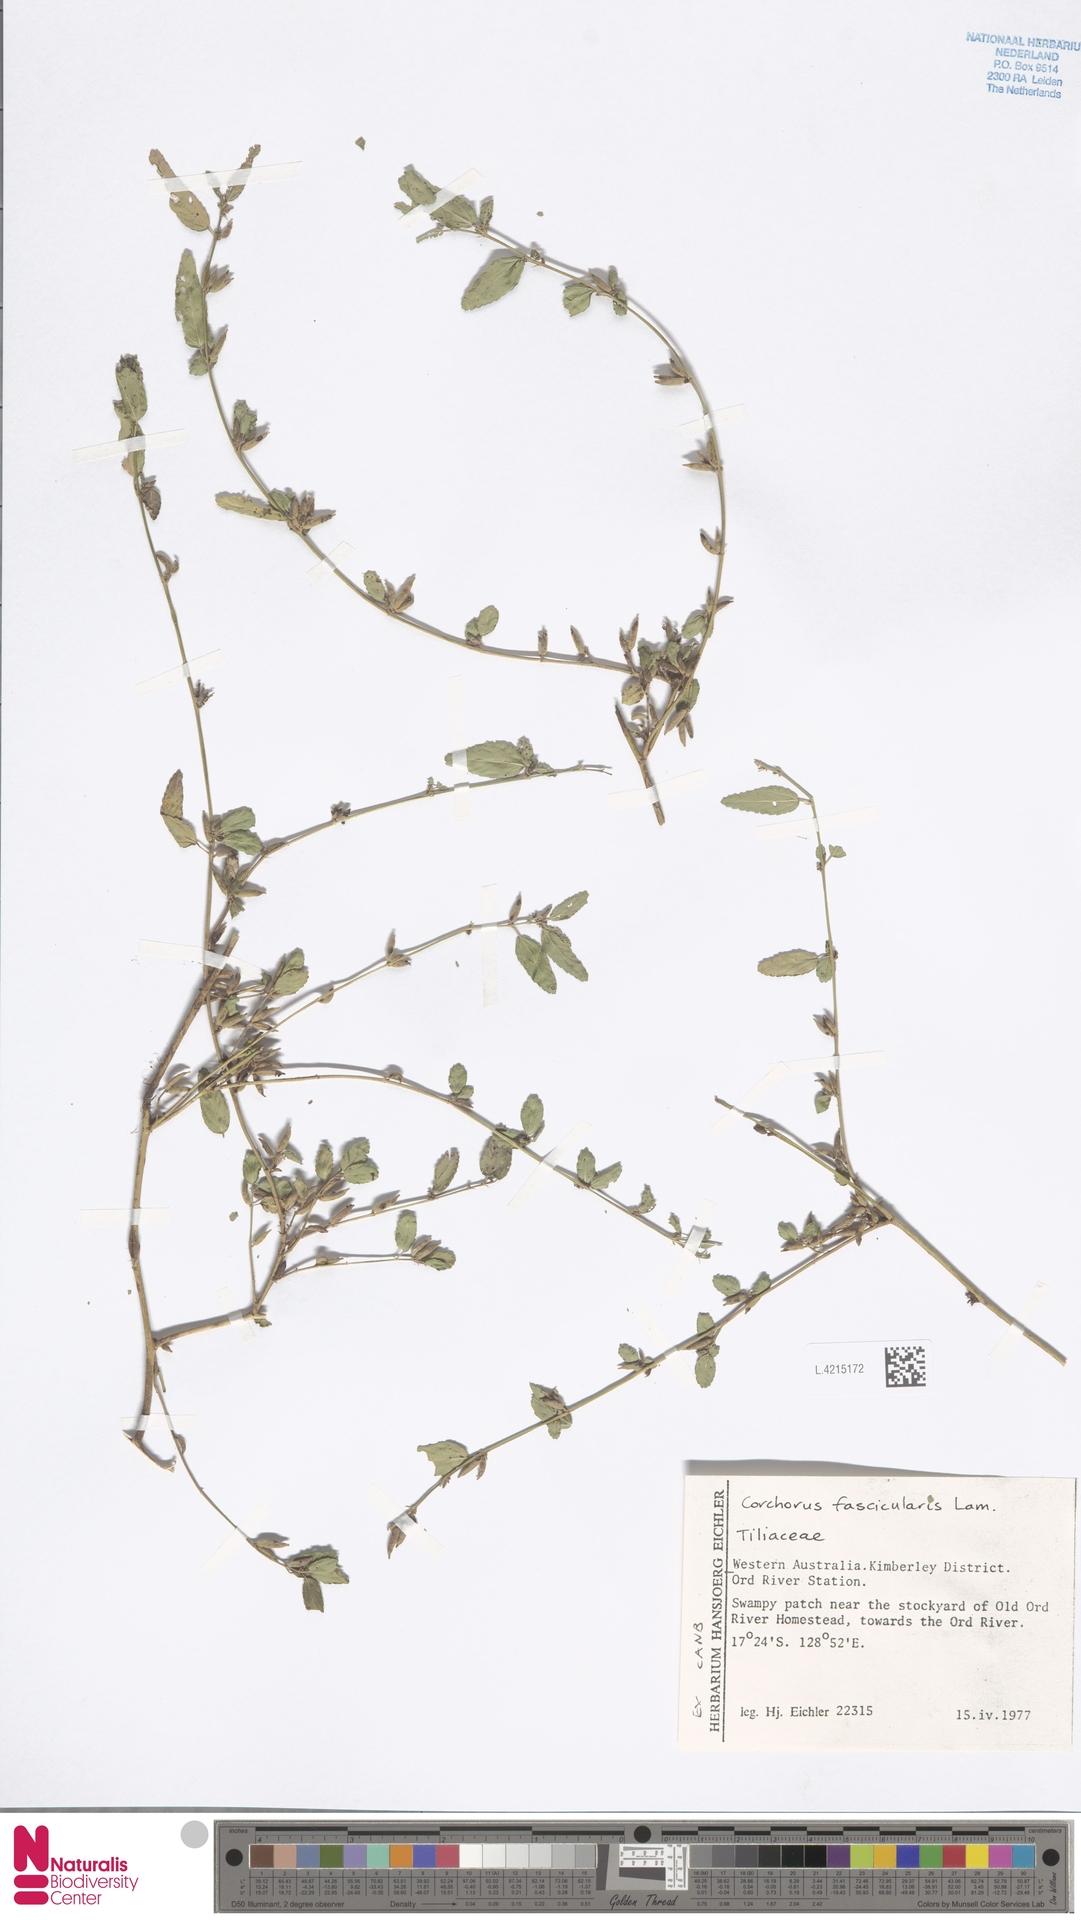 L.4215172 | Corchorus fascicularis Lam.